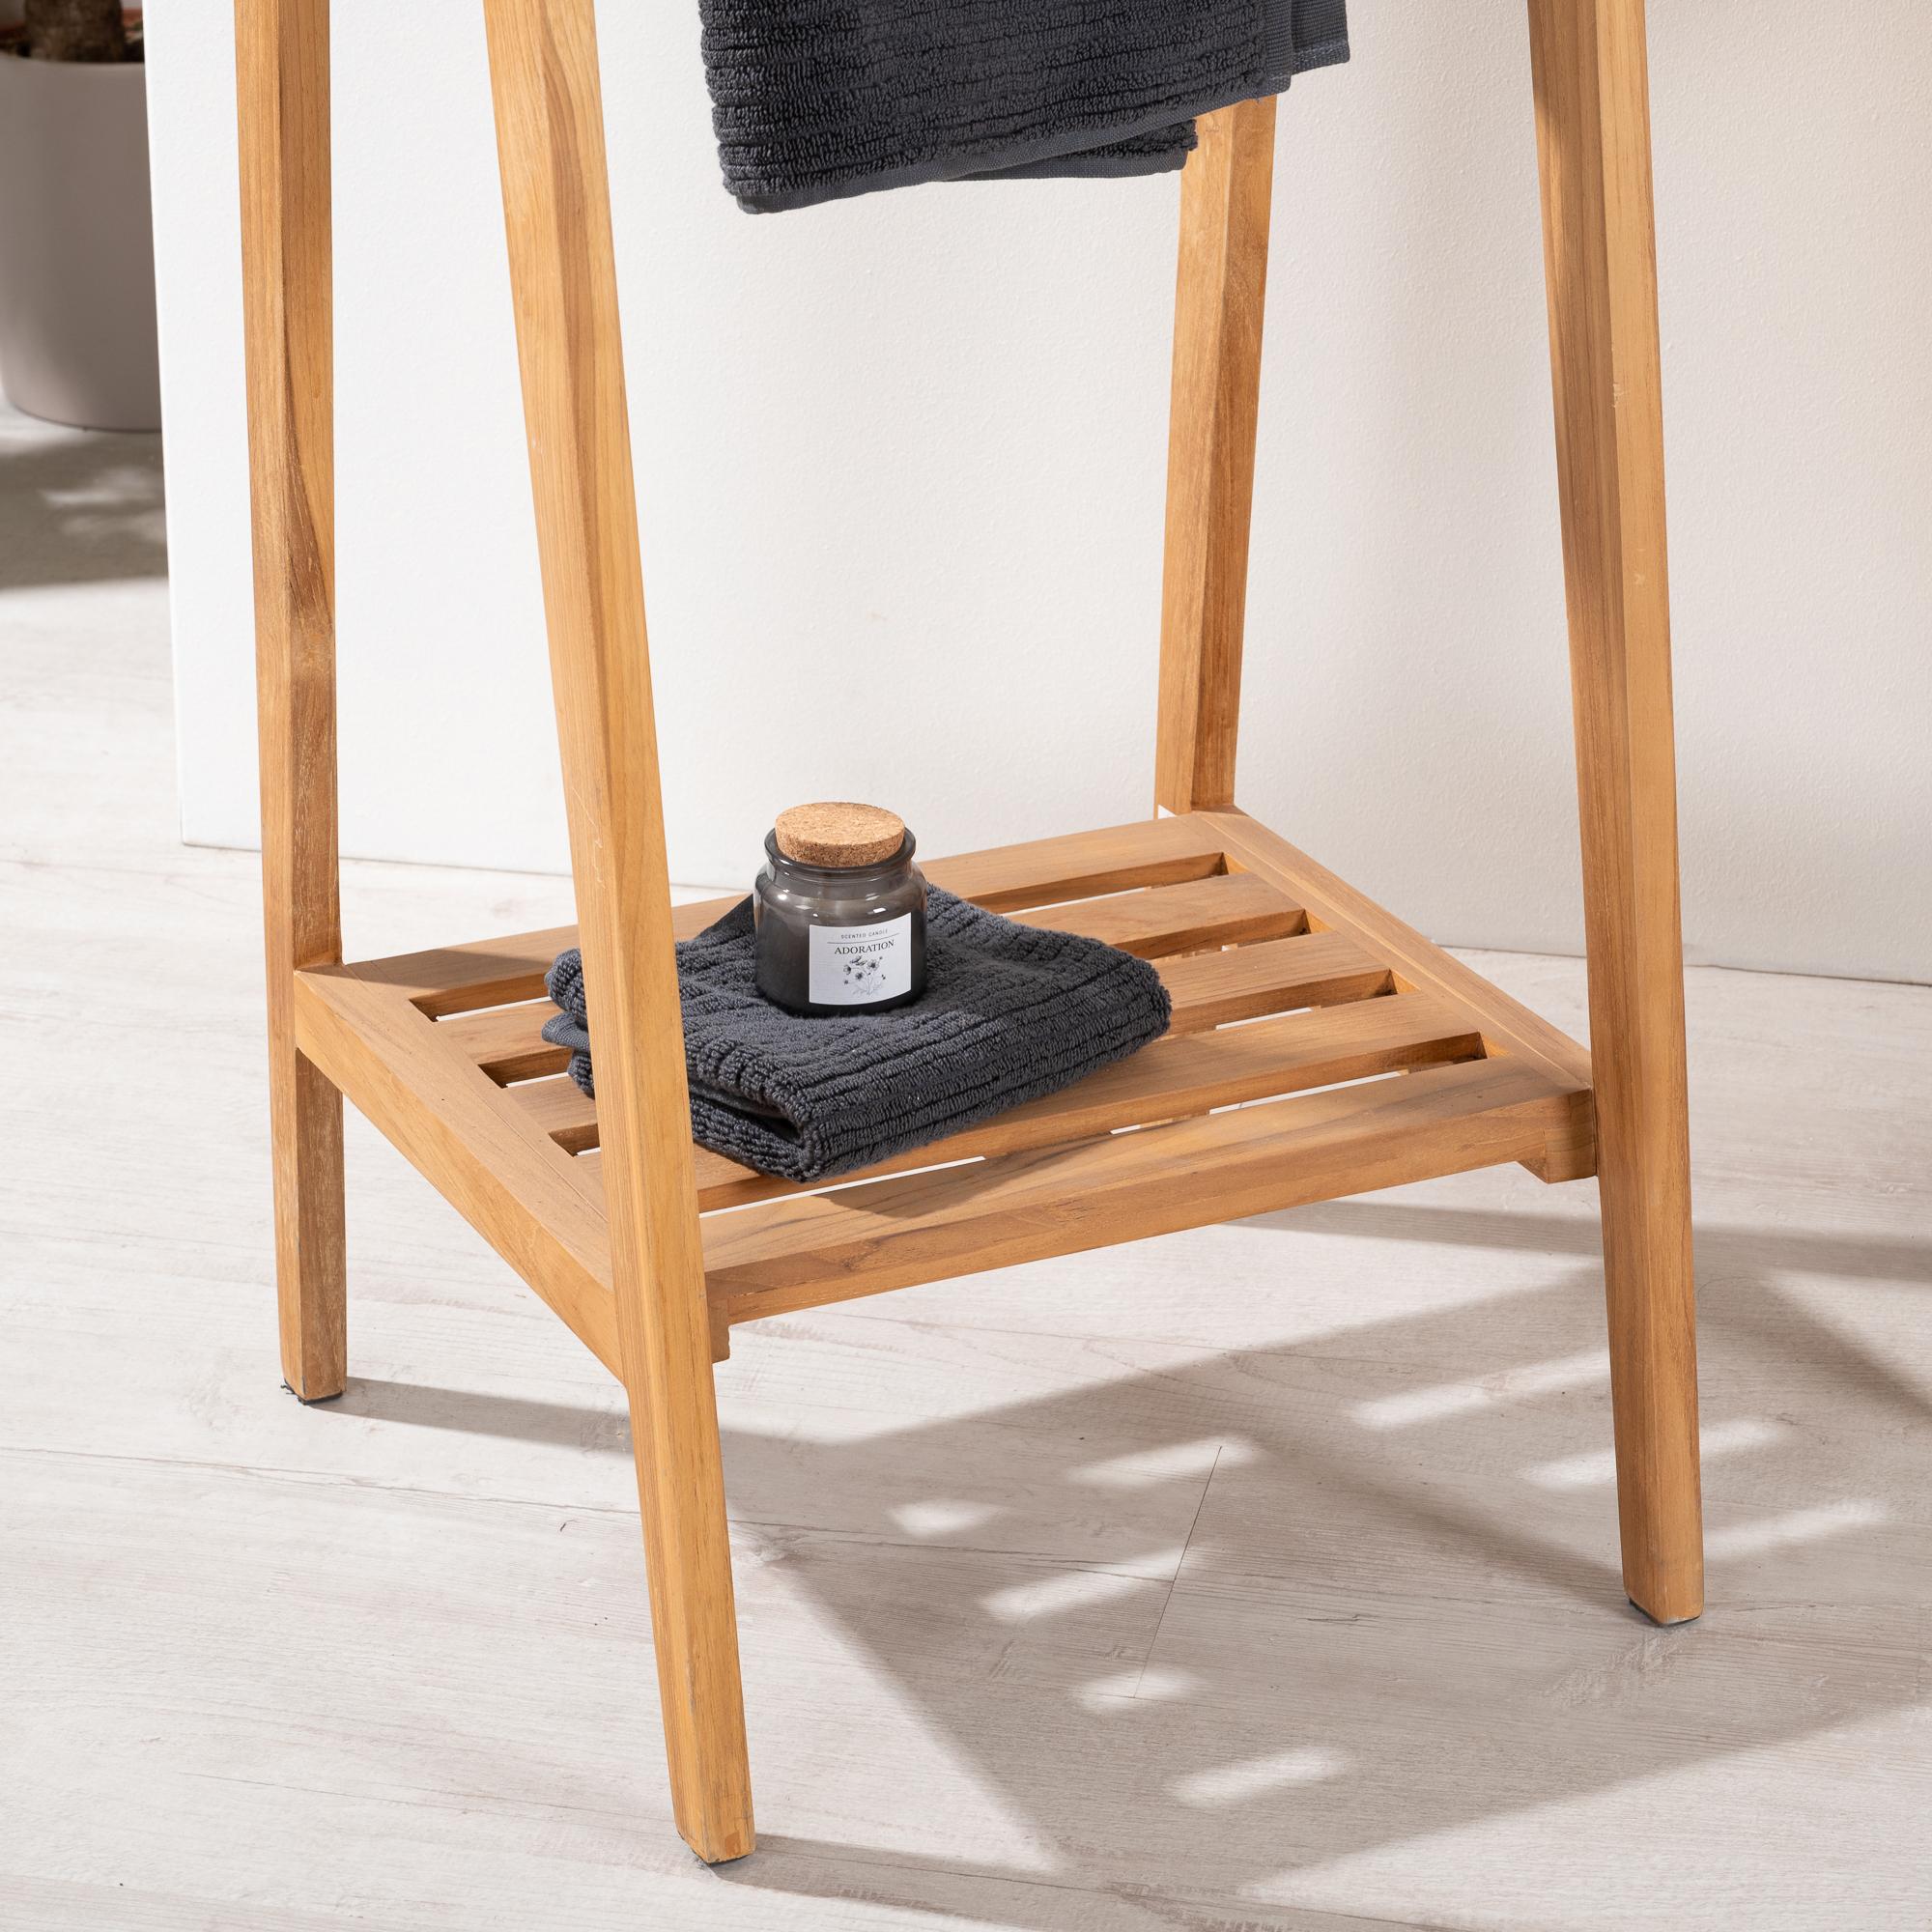 Neuf porte serviette poser en teck ebay for Porte serviette en teck